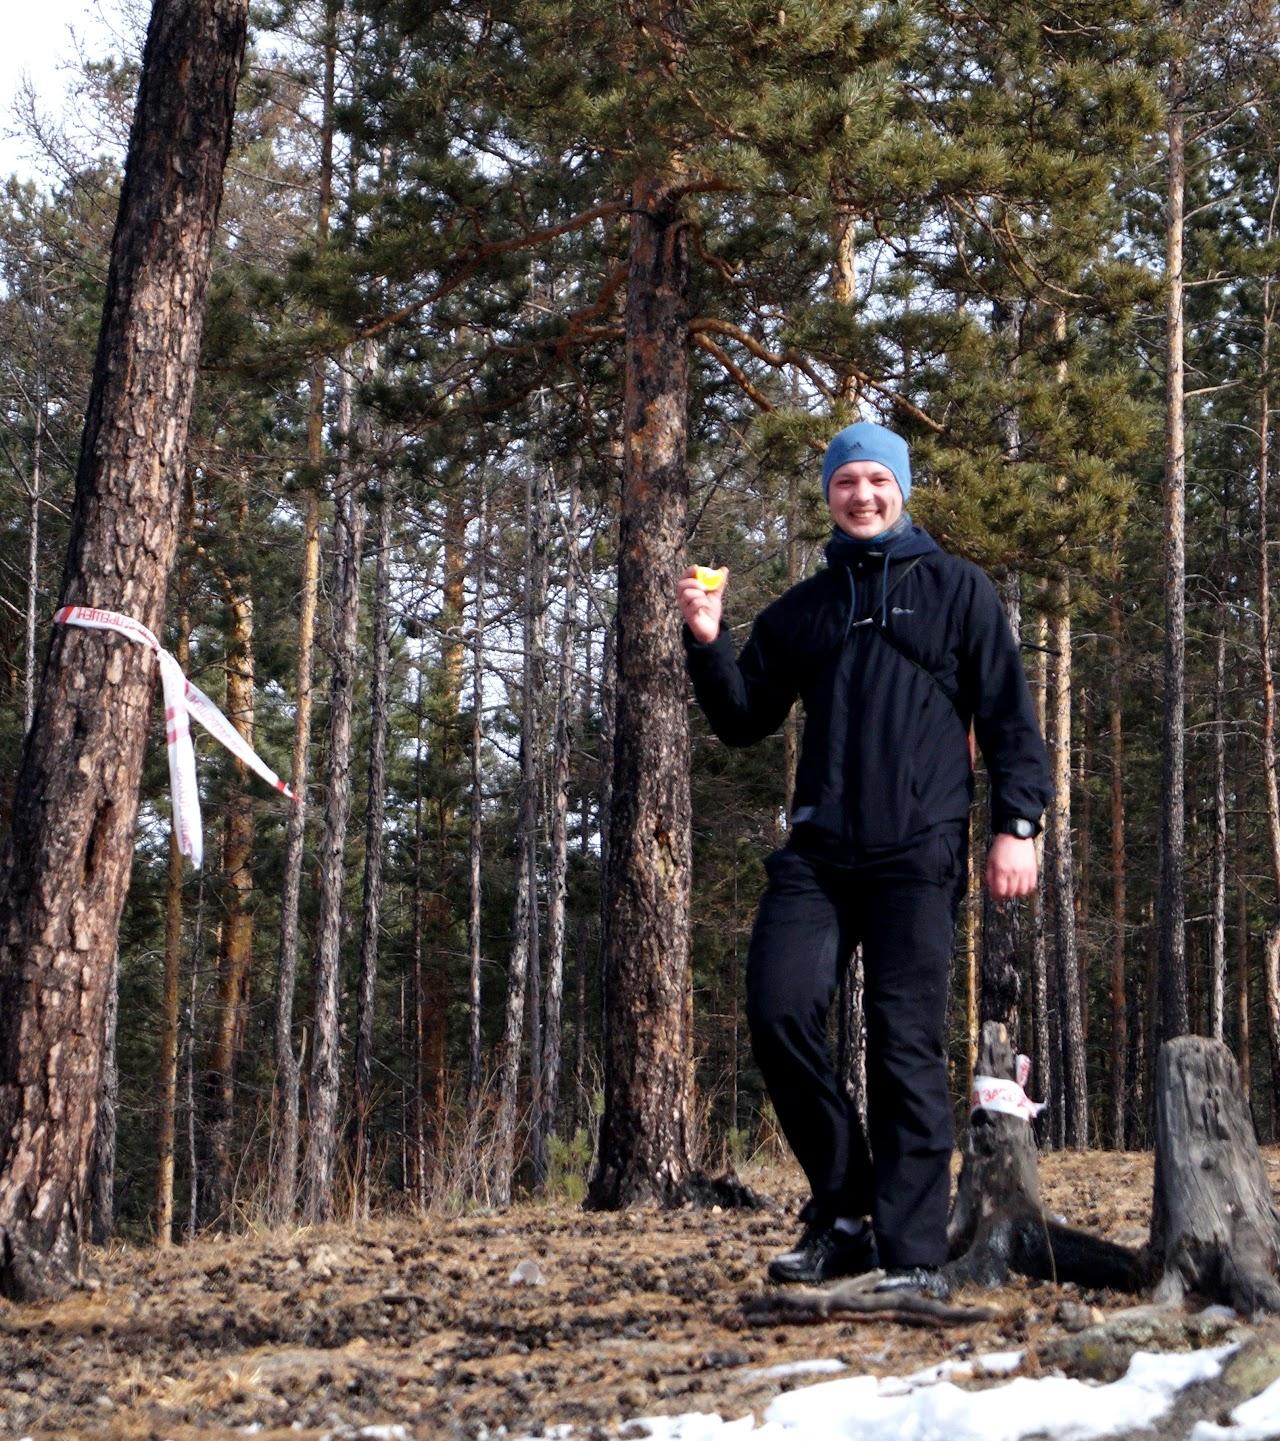 На одном из пунктов питания раздавали имбирный напиток, простую воду и апельсины - Забайкальсий снежный трейл Самопревосхождение 2017